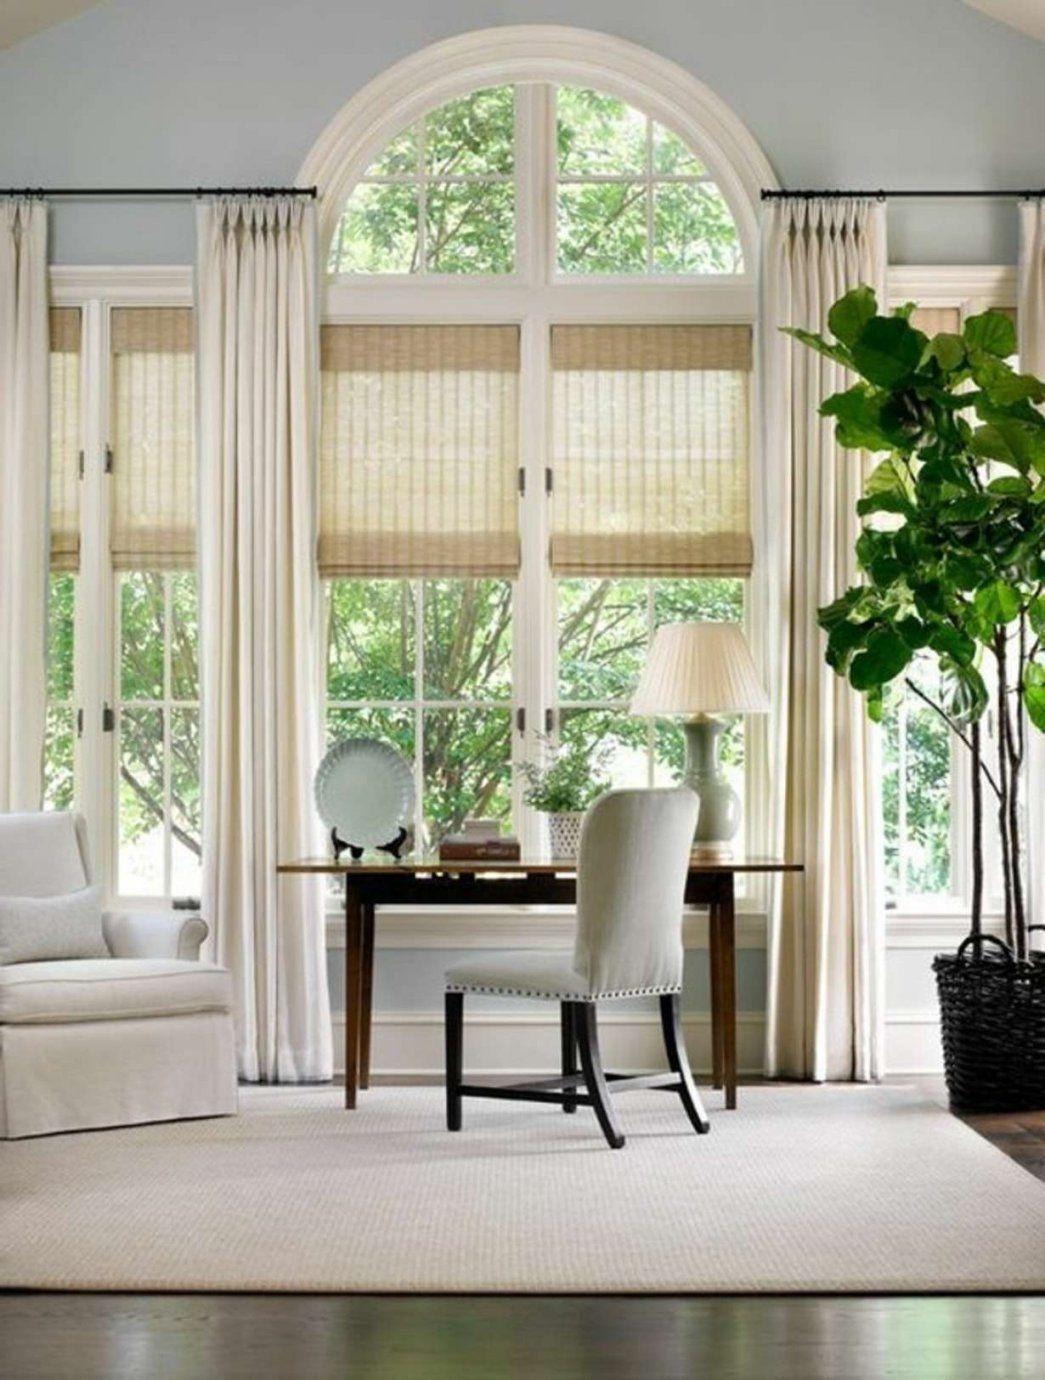 Fenster gestalten mit gardinen trendy gardinen wohnzimmer - Fenster dekorieren ideen ...